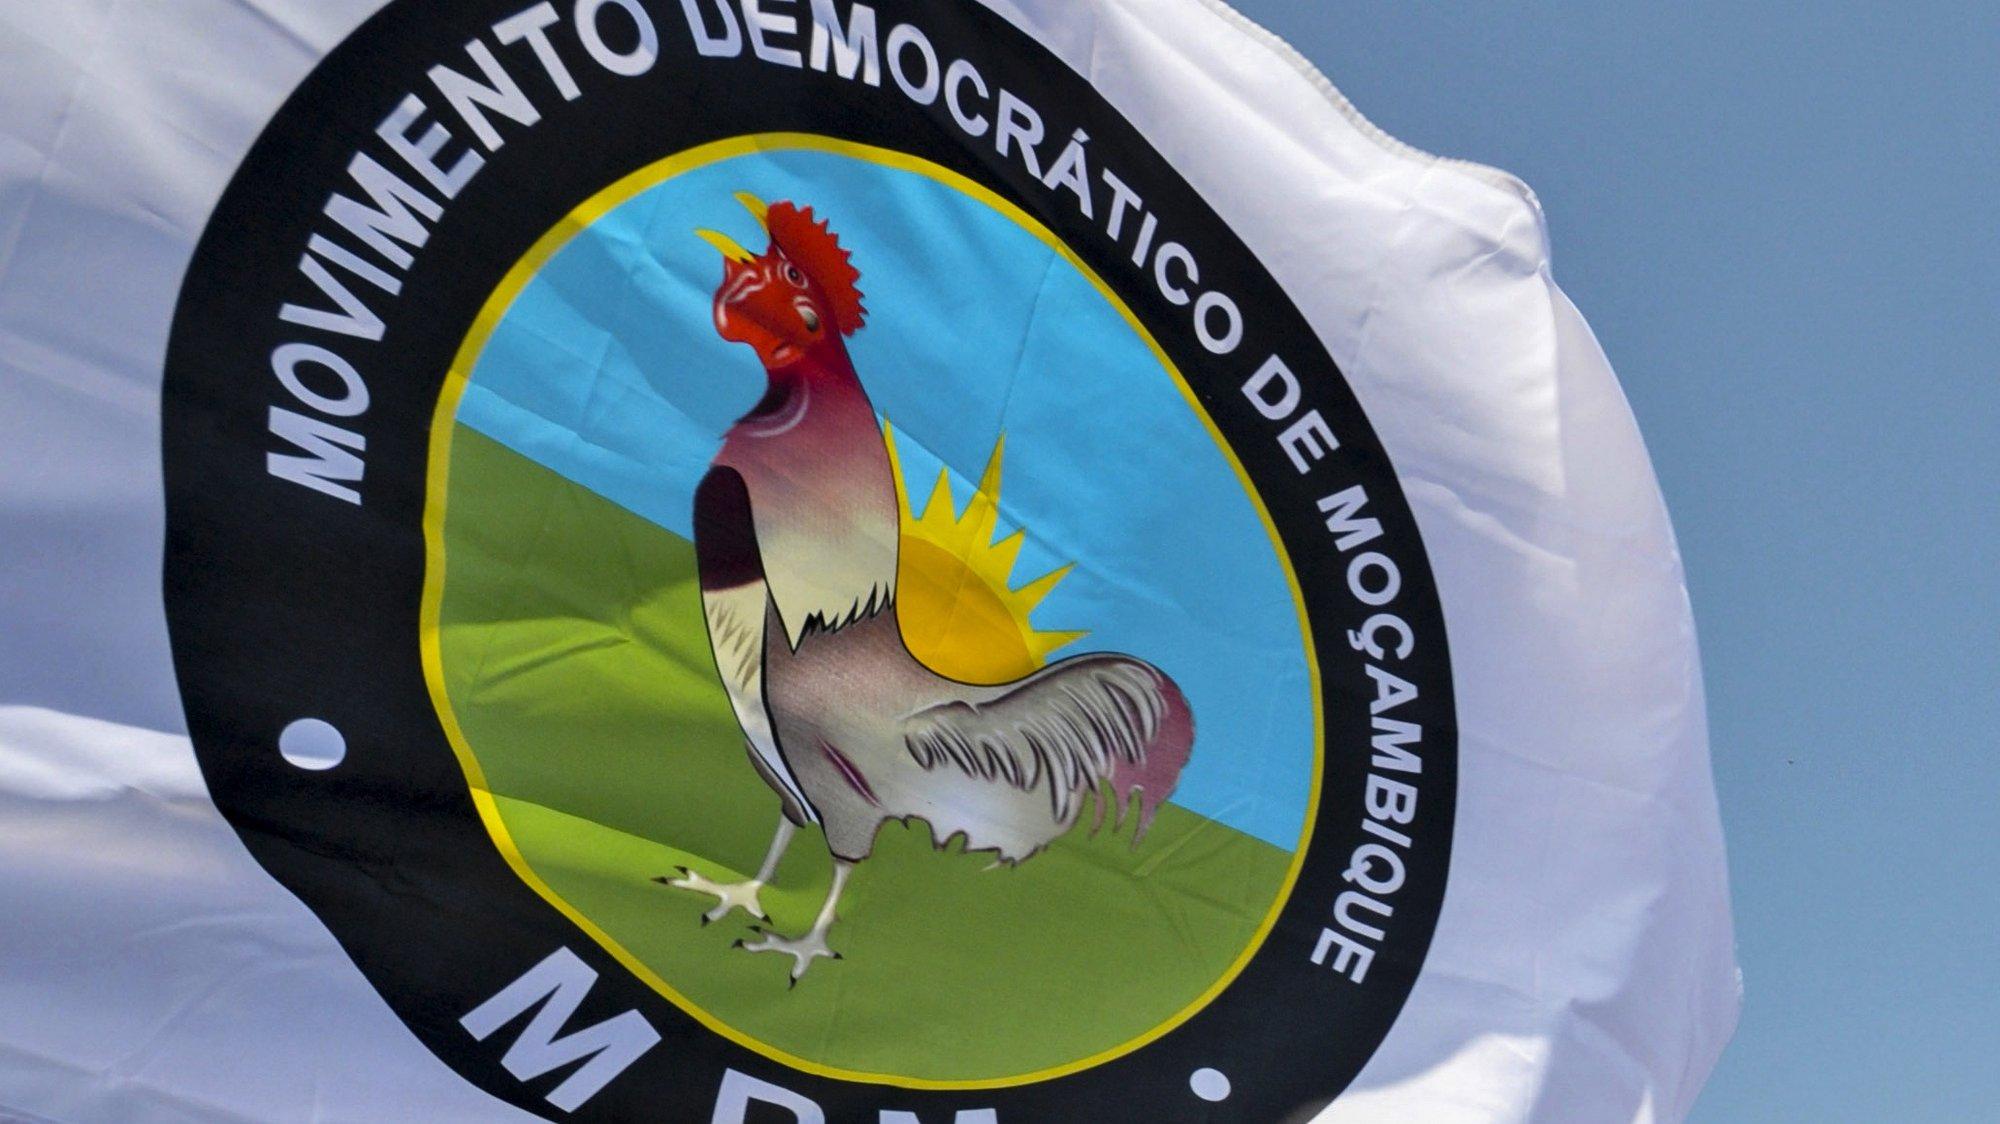 Movimento Democrático de Moçambique (MDM), em Maputo, Moçambique, 07 de outubro de 2014. ANTÓNIO SILVA/LUSA